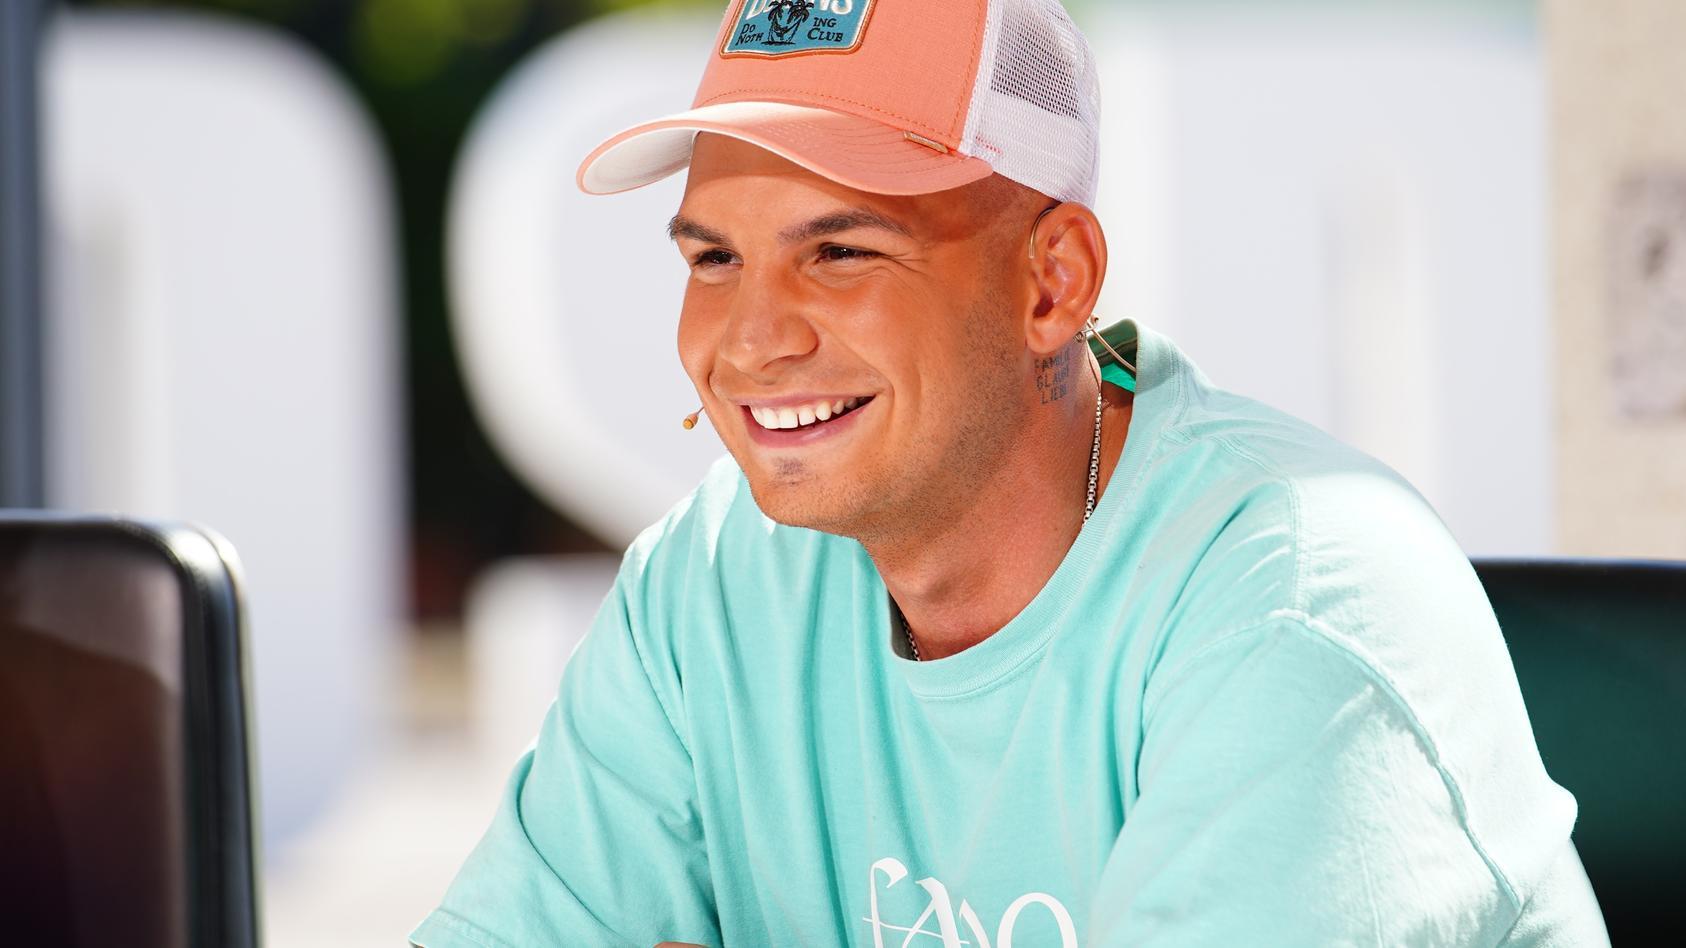 Pietro Lombardi bewarb sich mit 18 Jahren bei DSDS und gewann die achte Staffel im Jahr 2011.